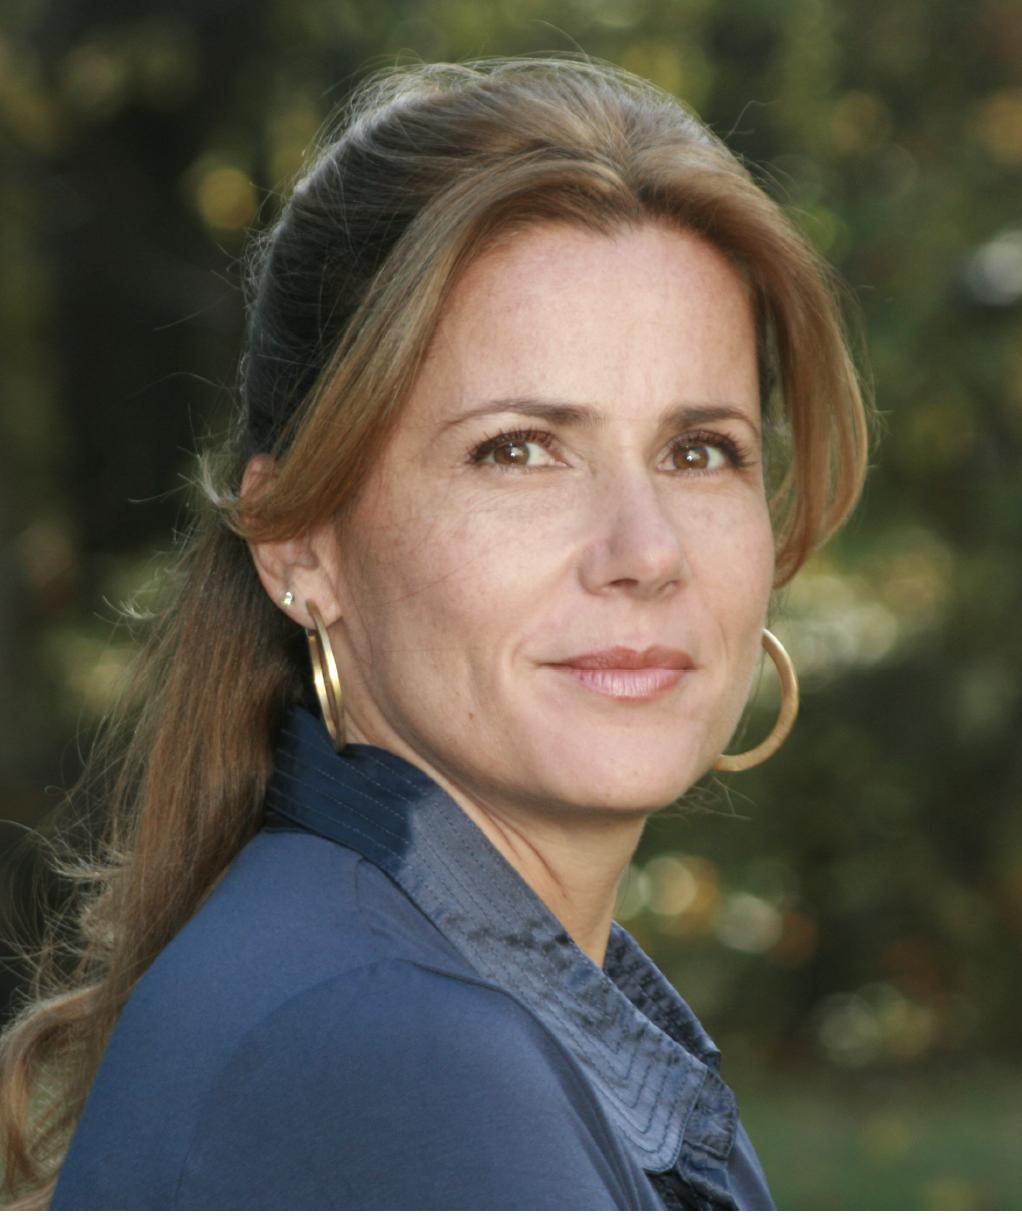 About - Katrin Schumann